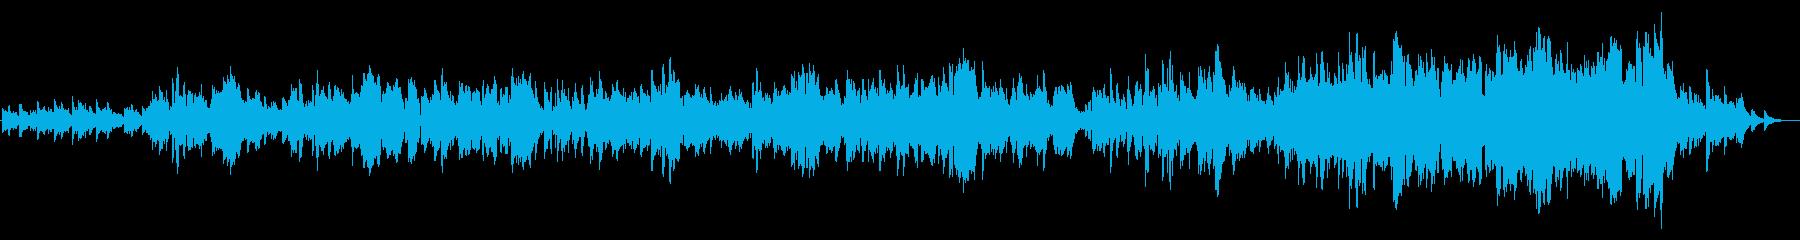 静かな感動と挑戦_挿入歌・エンドロールにの再生済みの波形